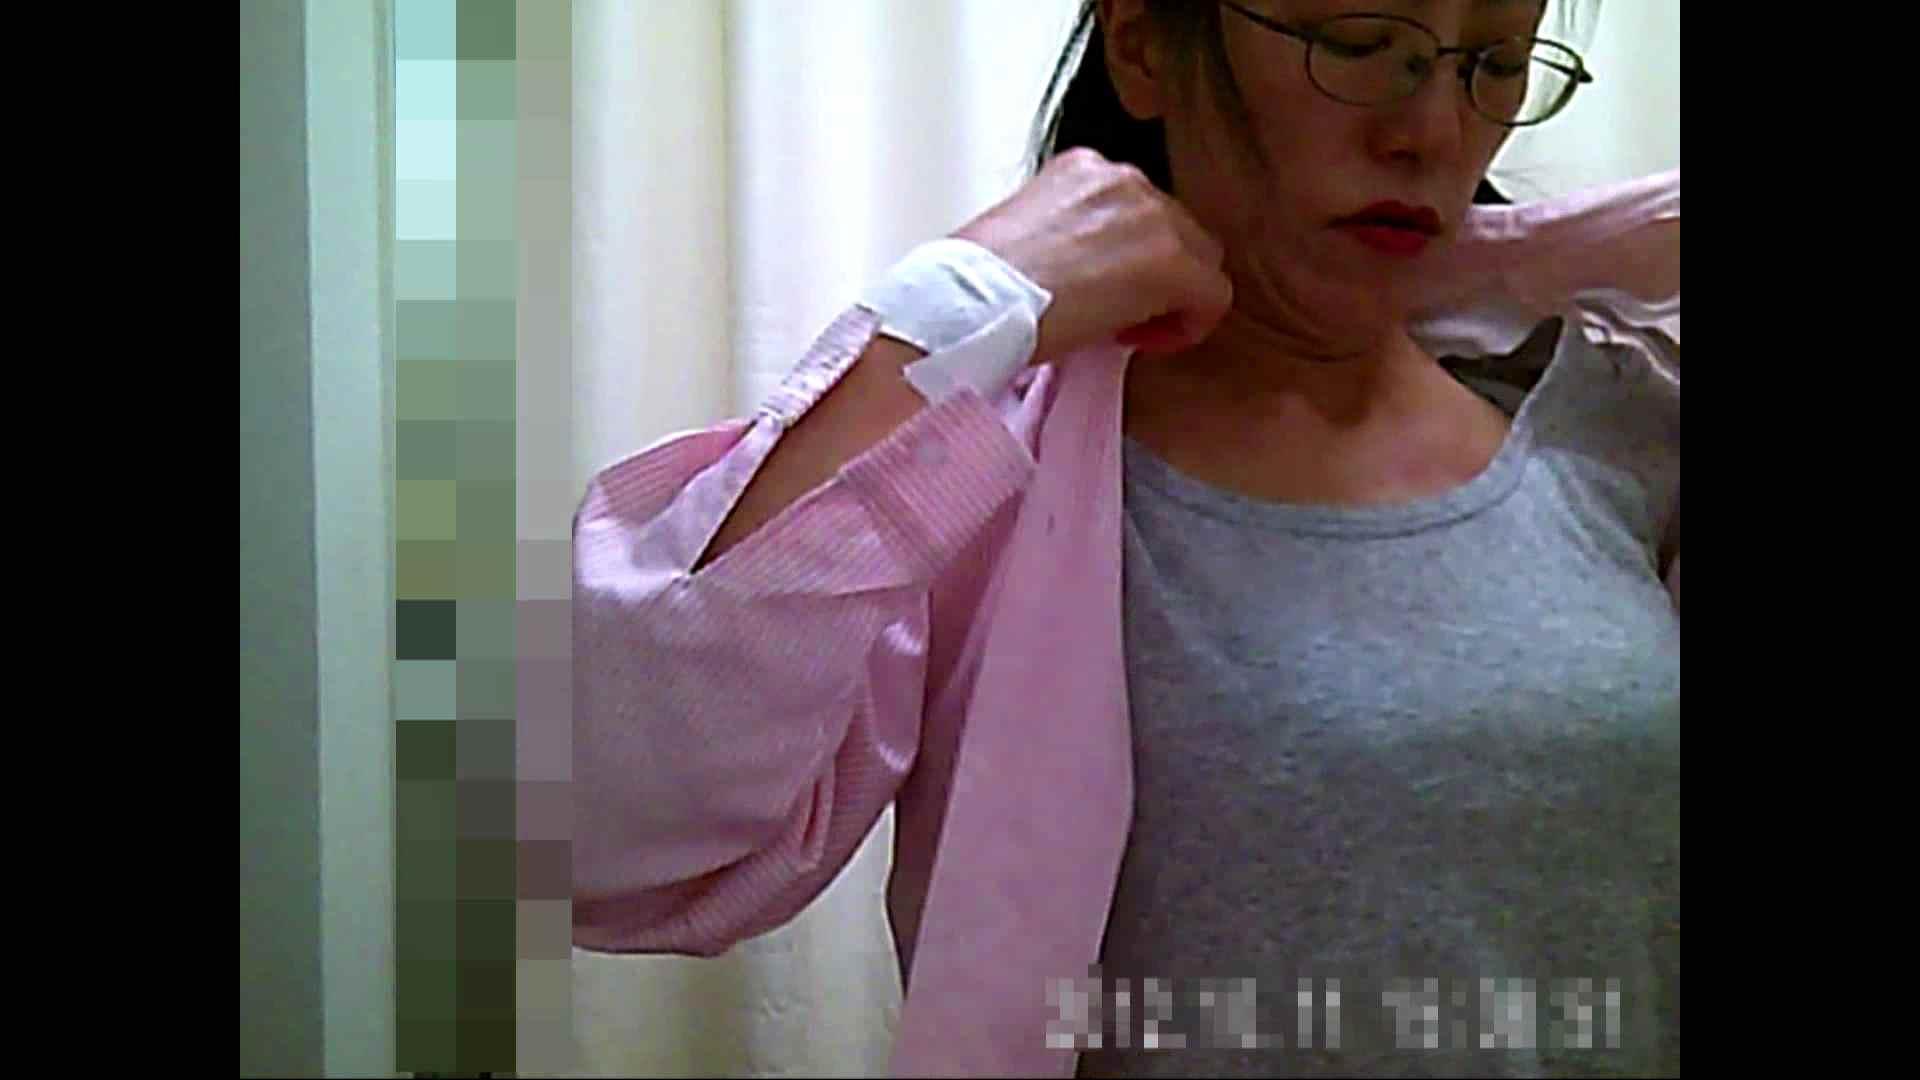 元医者による反抗 更衣室地獄絵巻 vol.062 OL | 0  63連発 46